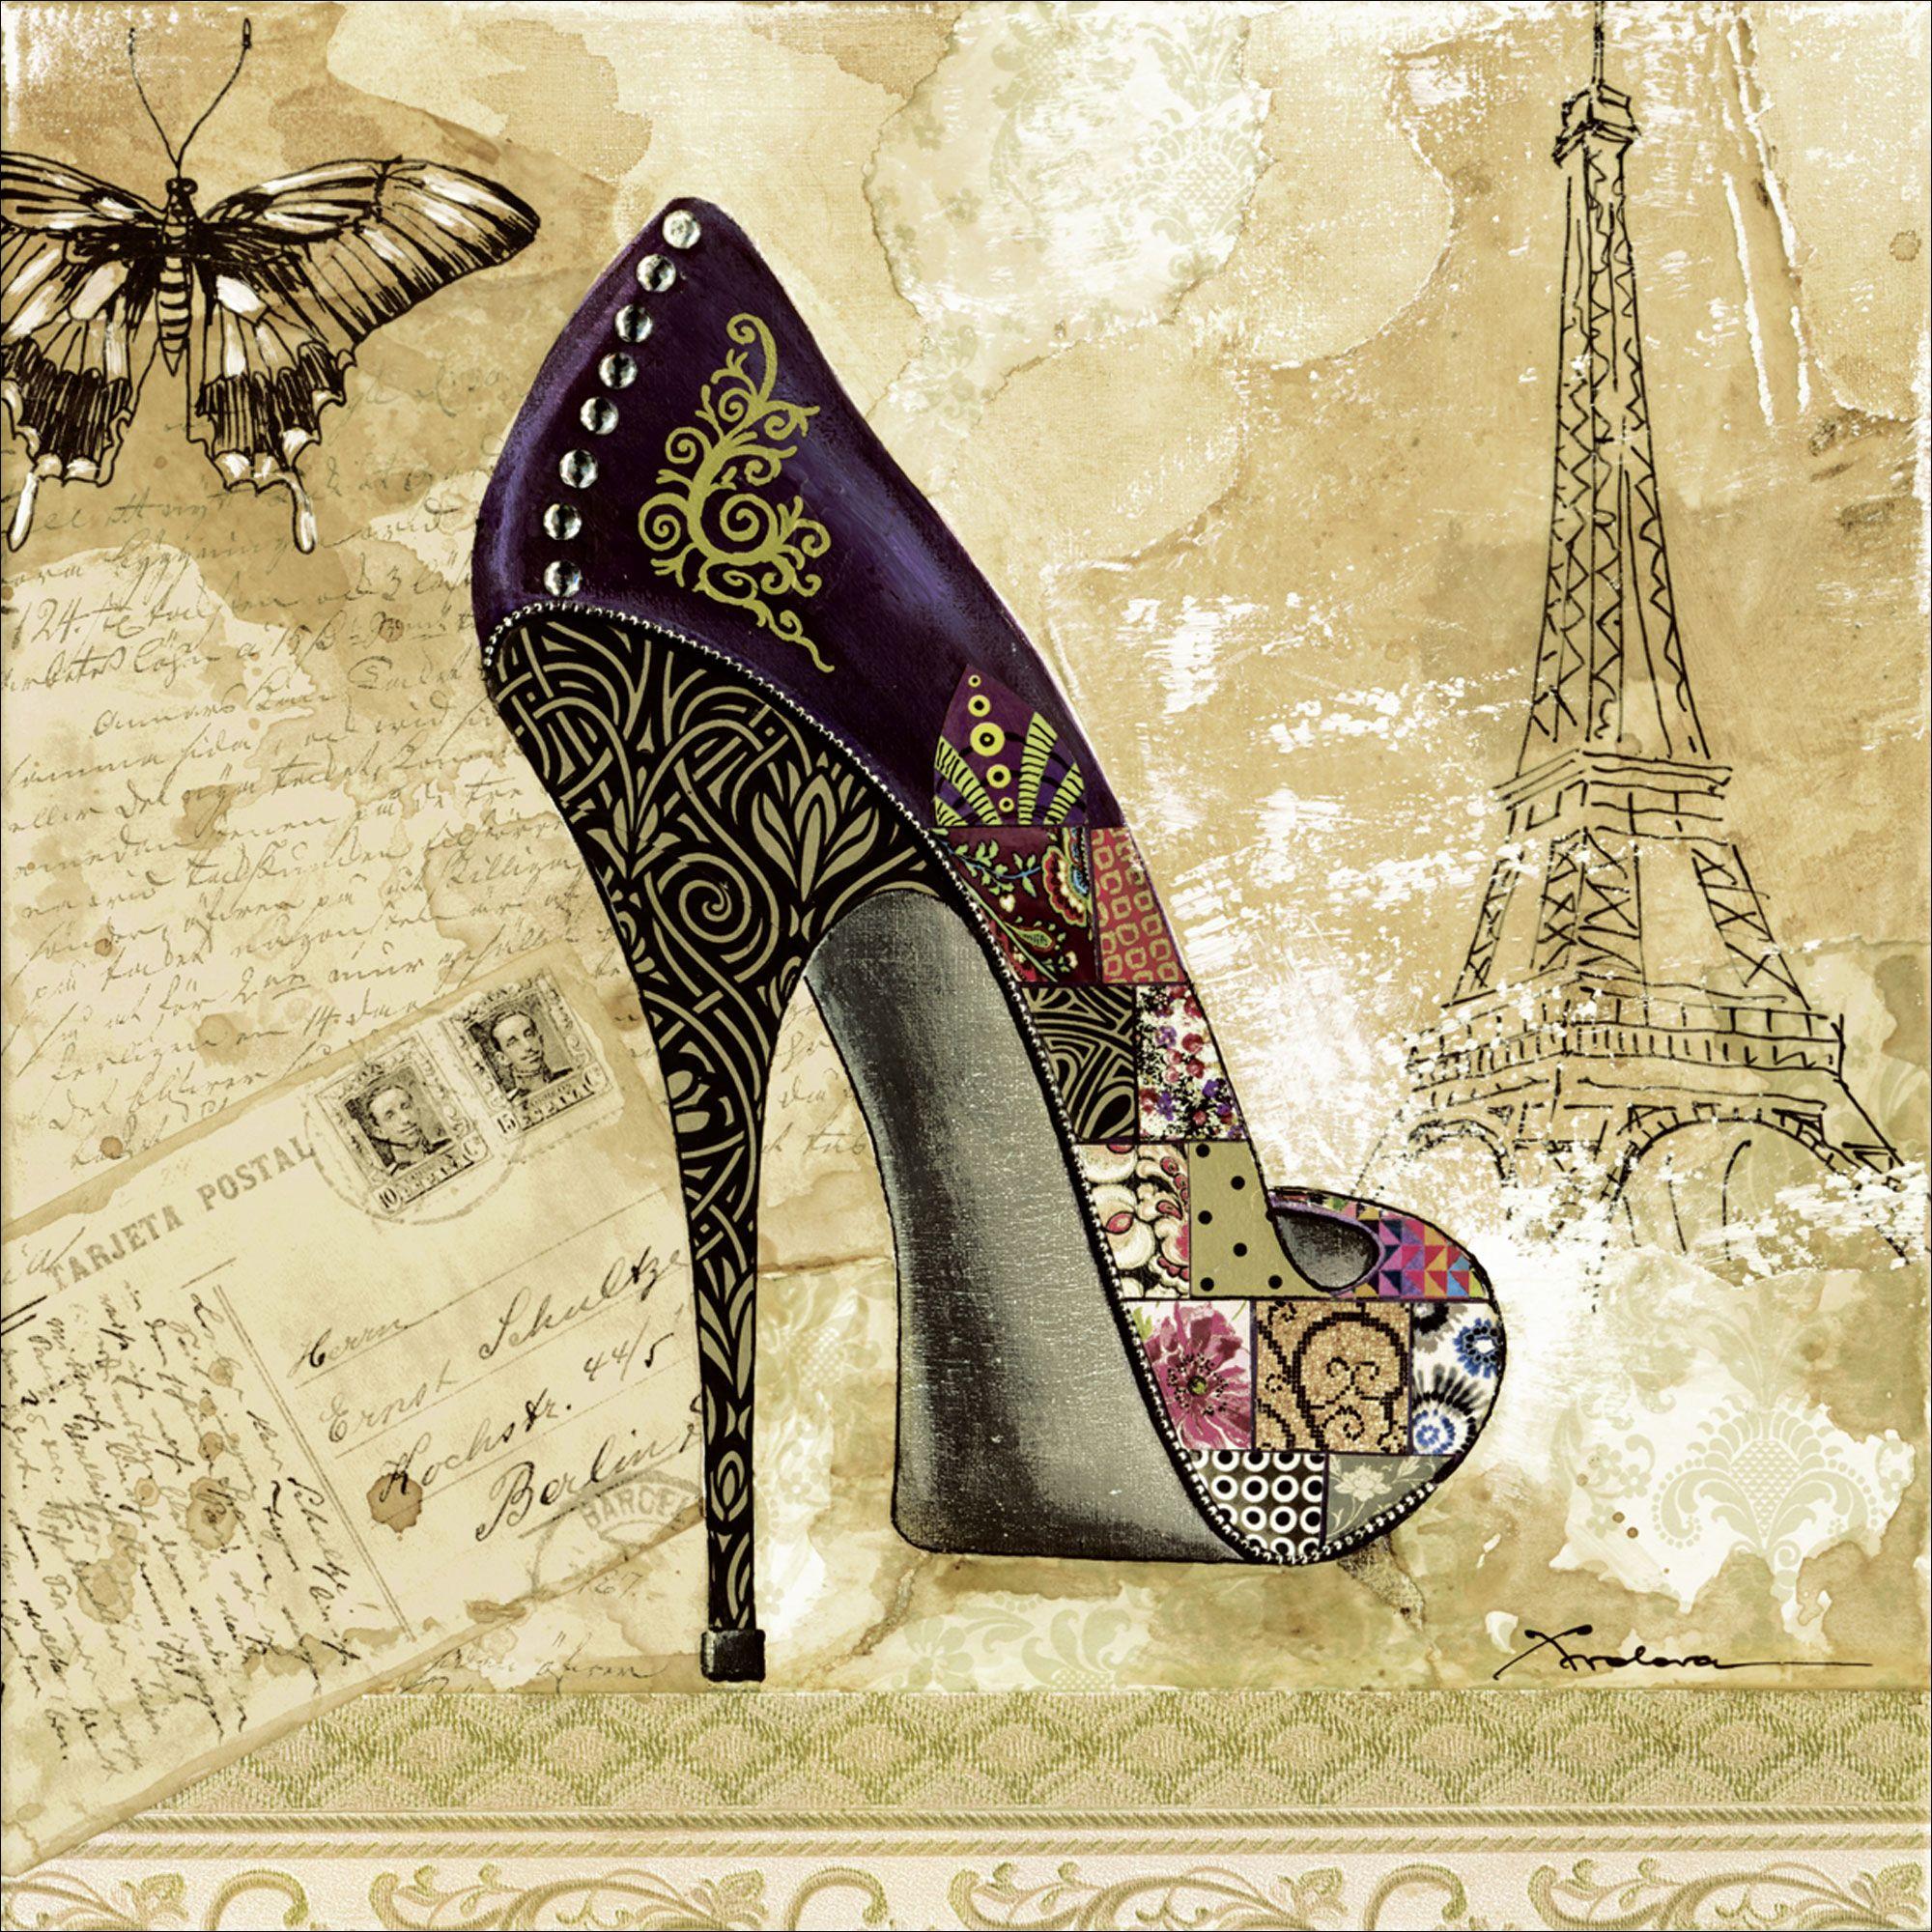 Pin De Tl En Do Kartek Arte De Zapatos Zapatos Dibujos Pintura De Zapato